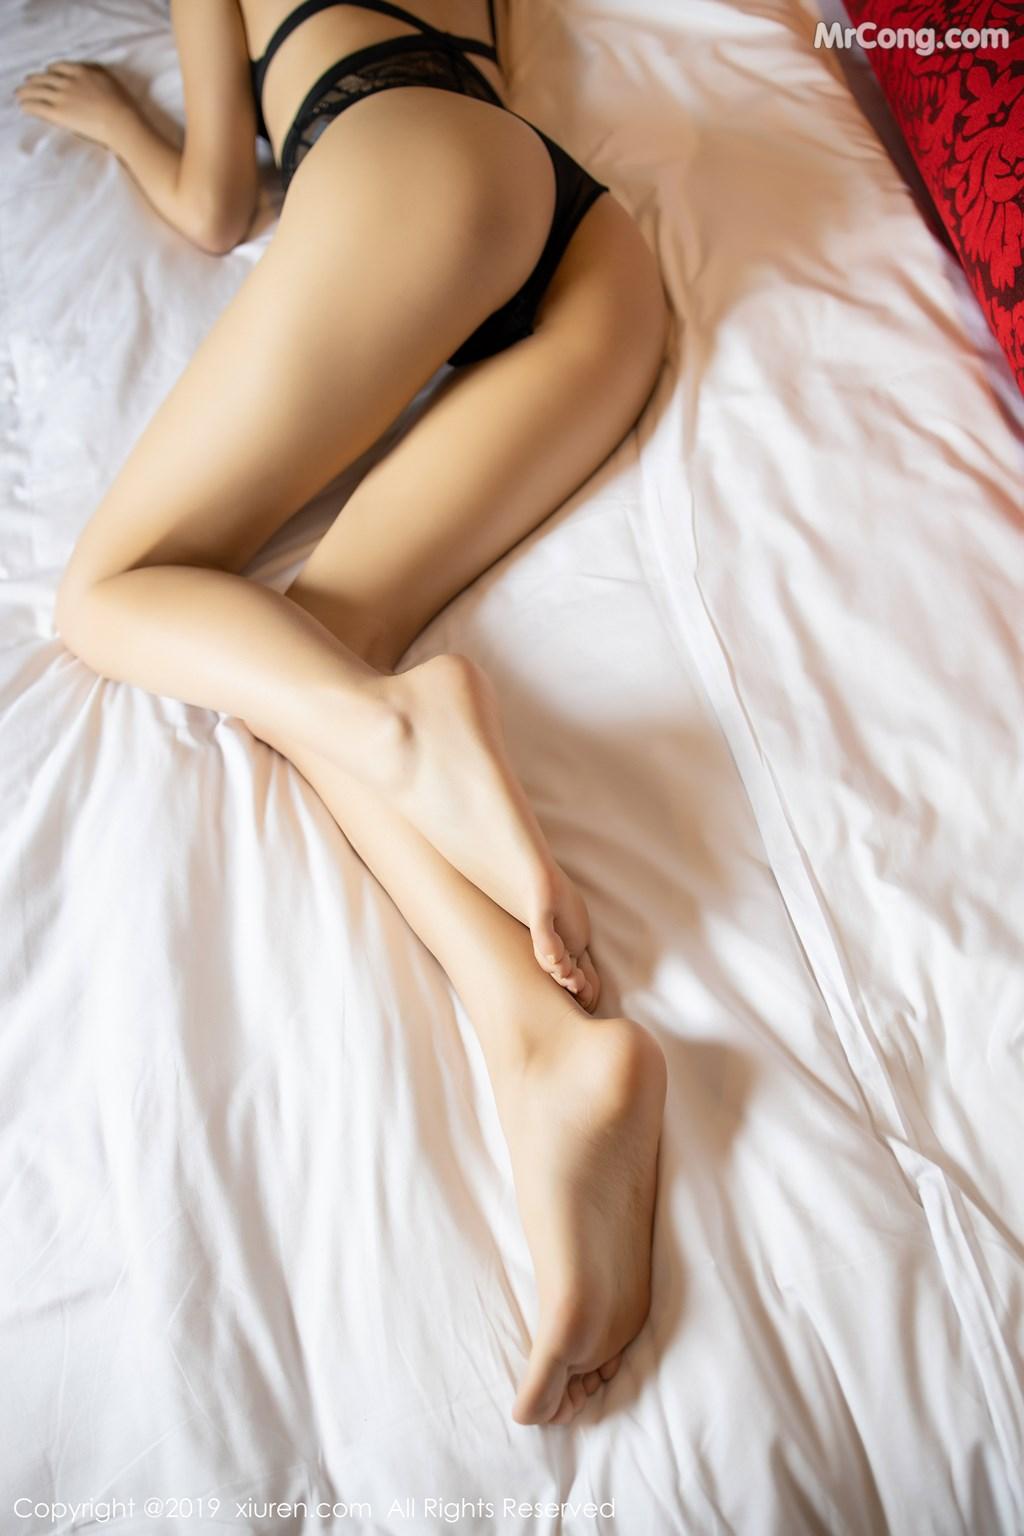 Image XIUREN-No.1800-BABY-MrCong.com-010 in post XIUREN No.1800: BABY_柒 (43 ảnh)